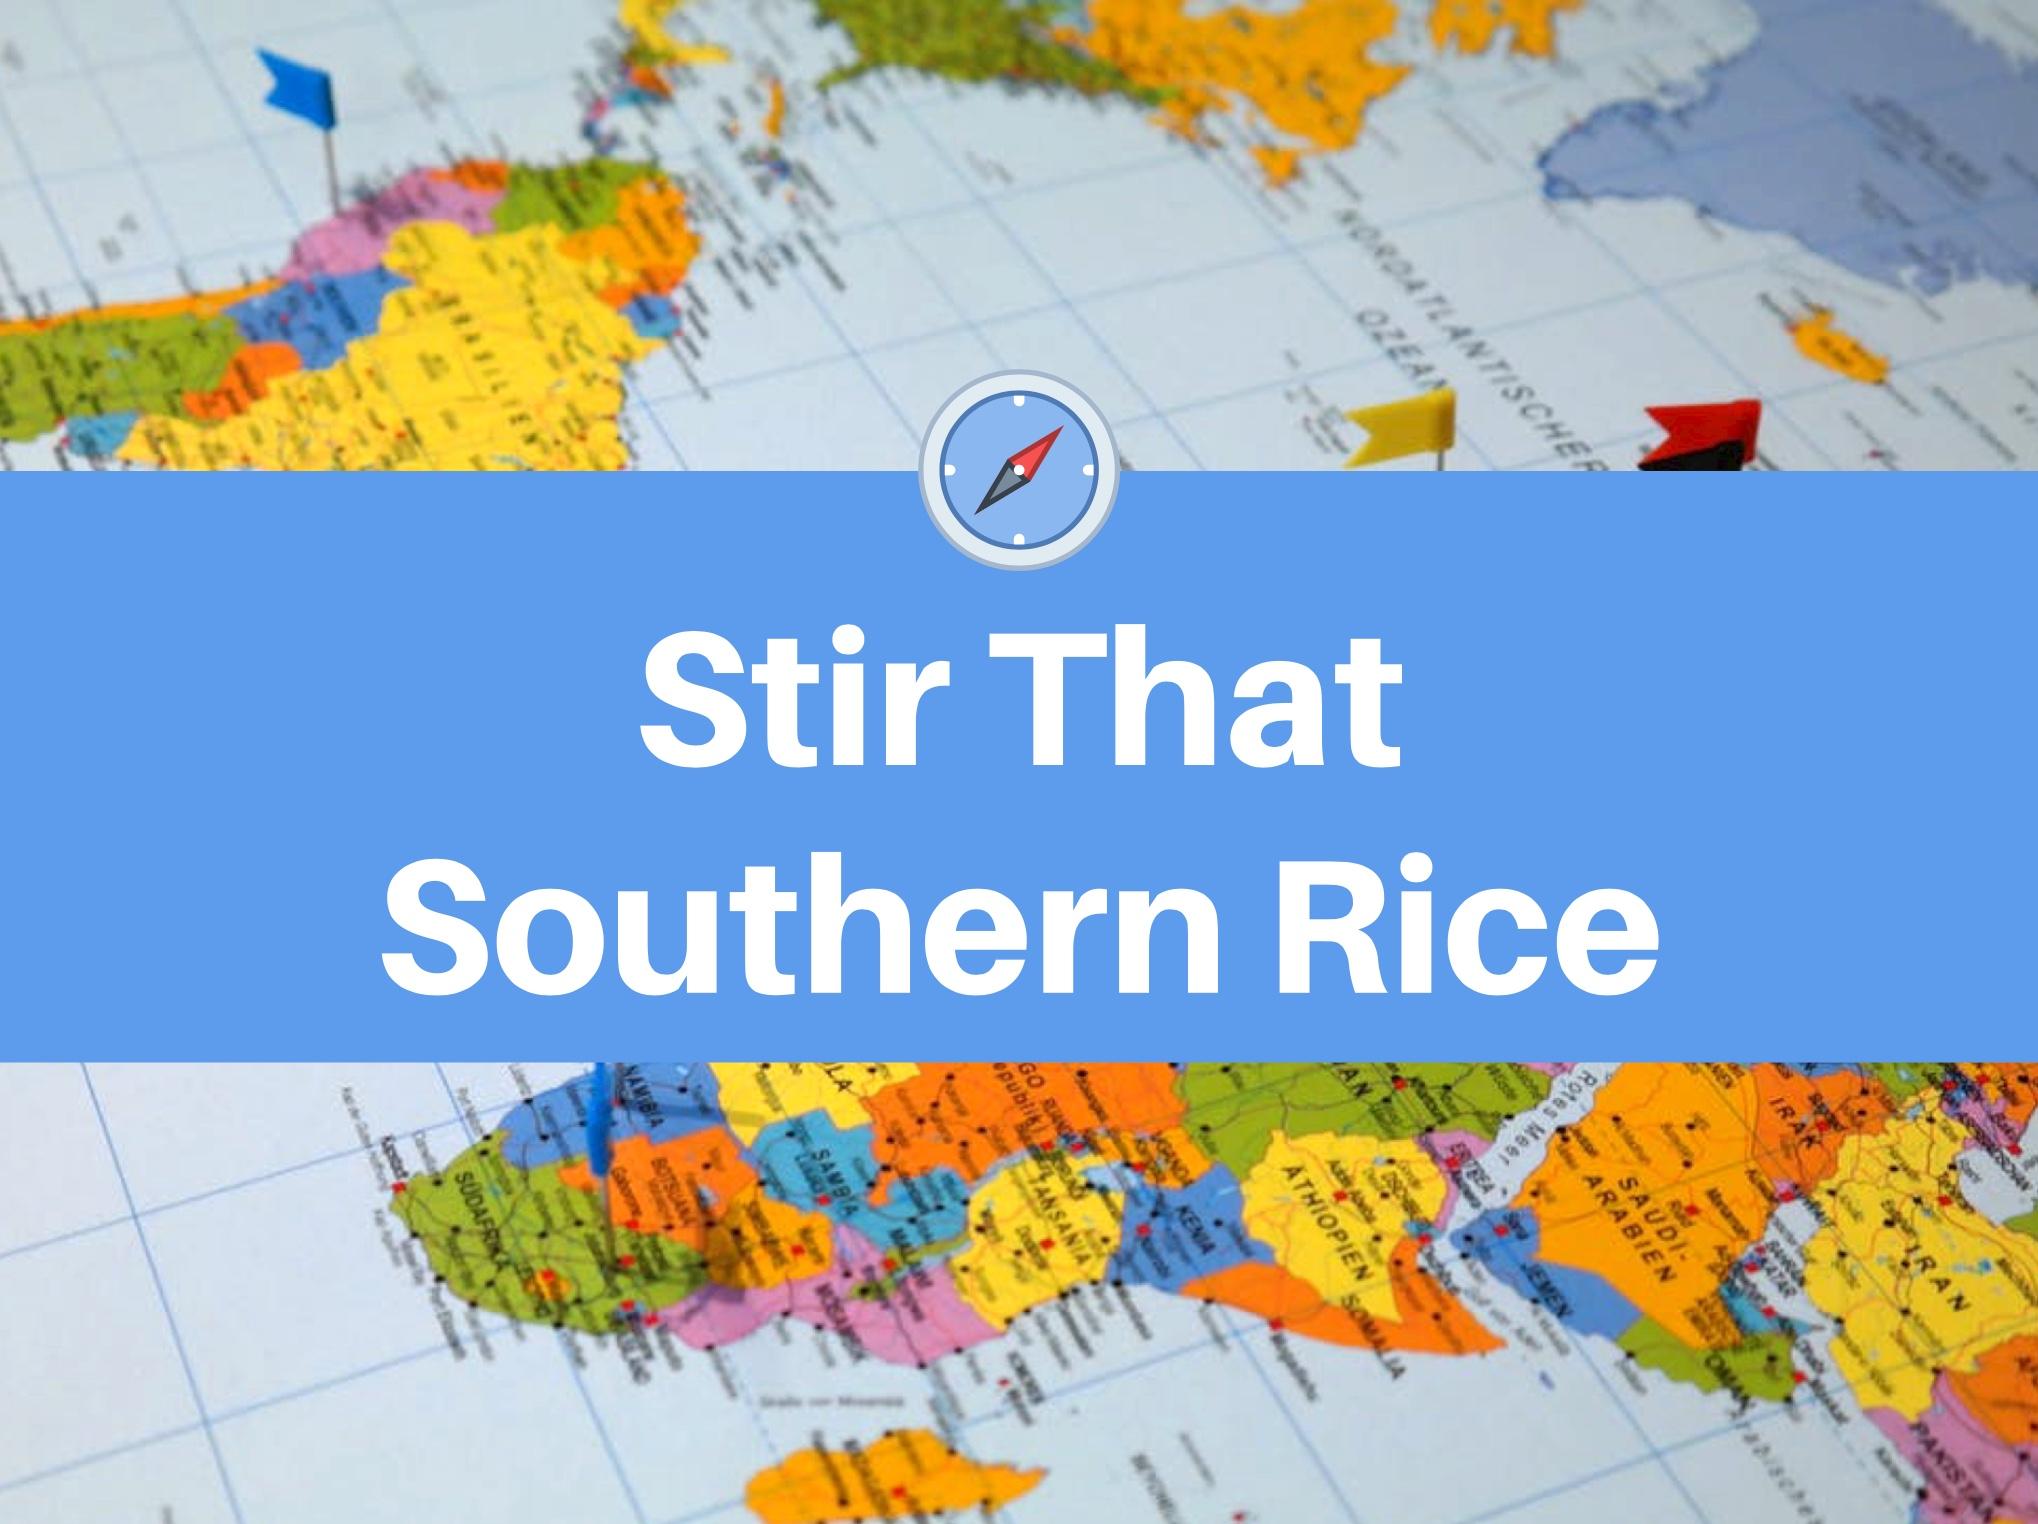 stir-that-southern-rice-logo-2.jpeg